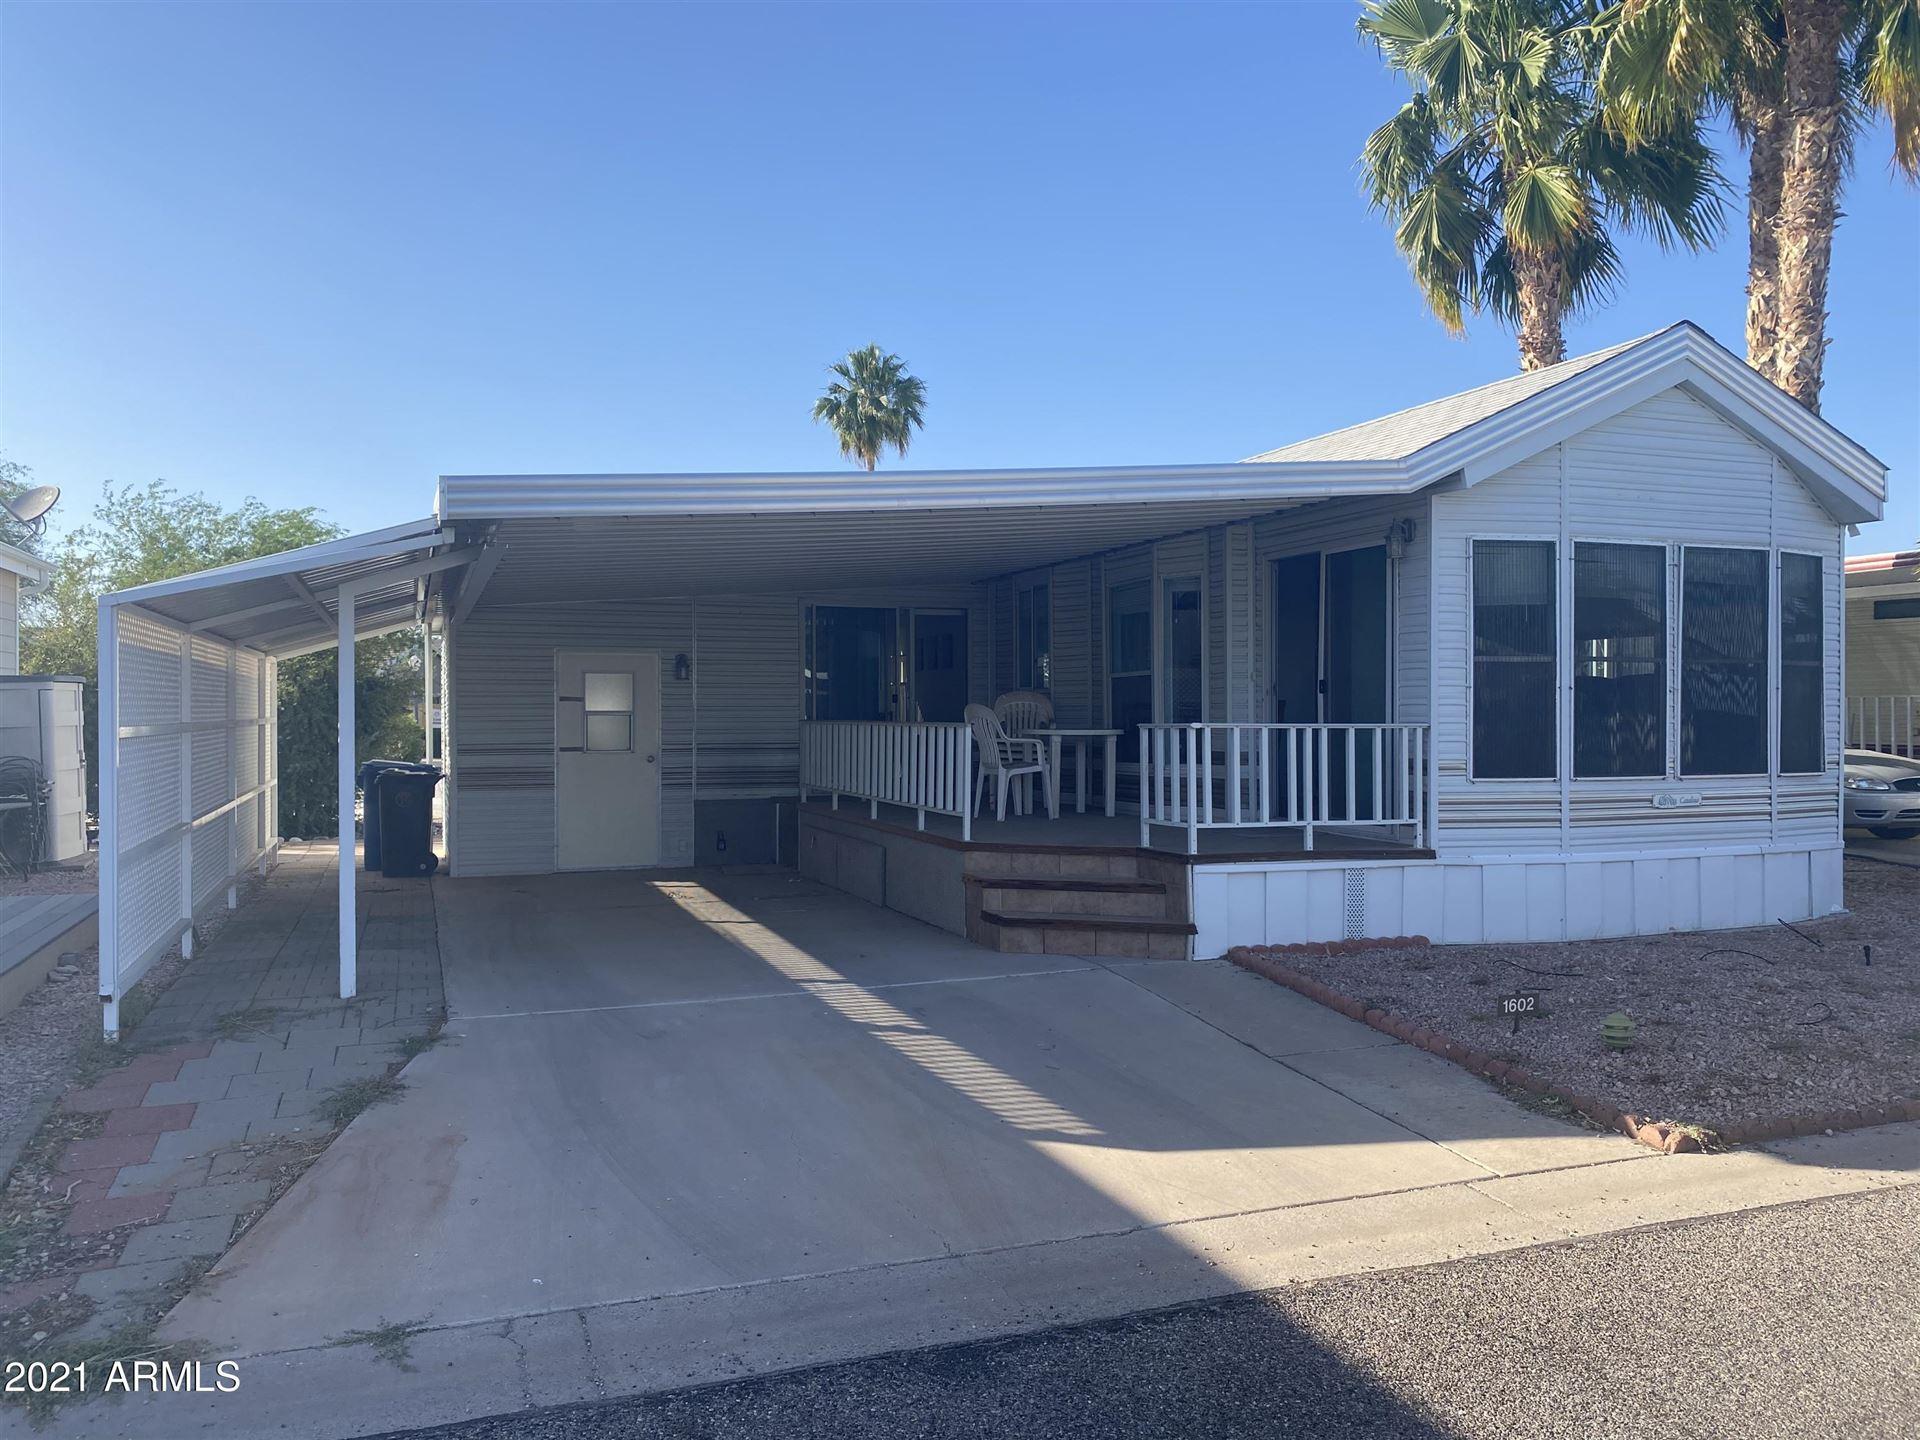 8865 E BASELINE Road #1602, Mesa, AZ 85209 - MLS#: 6231638